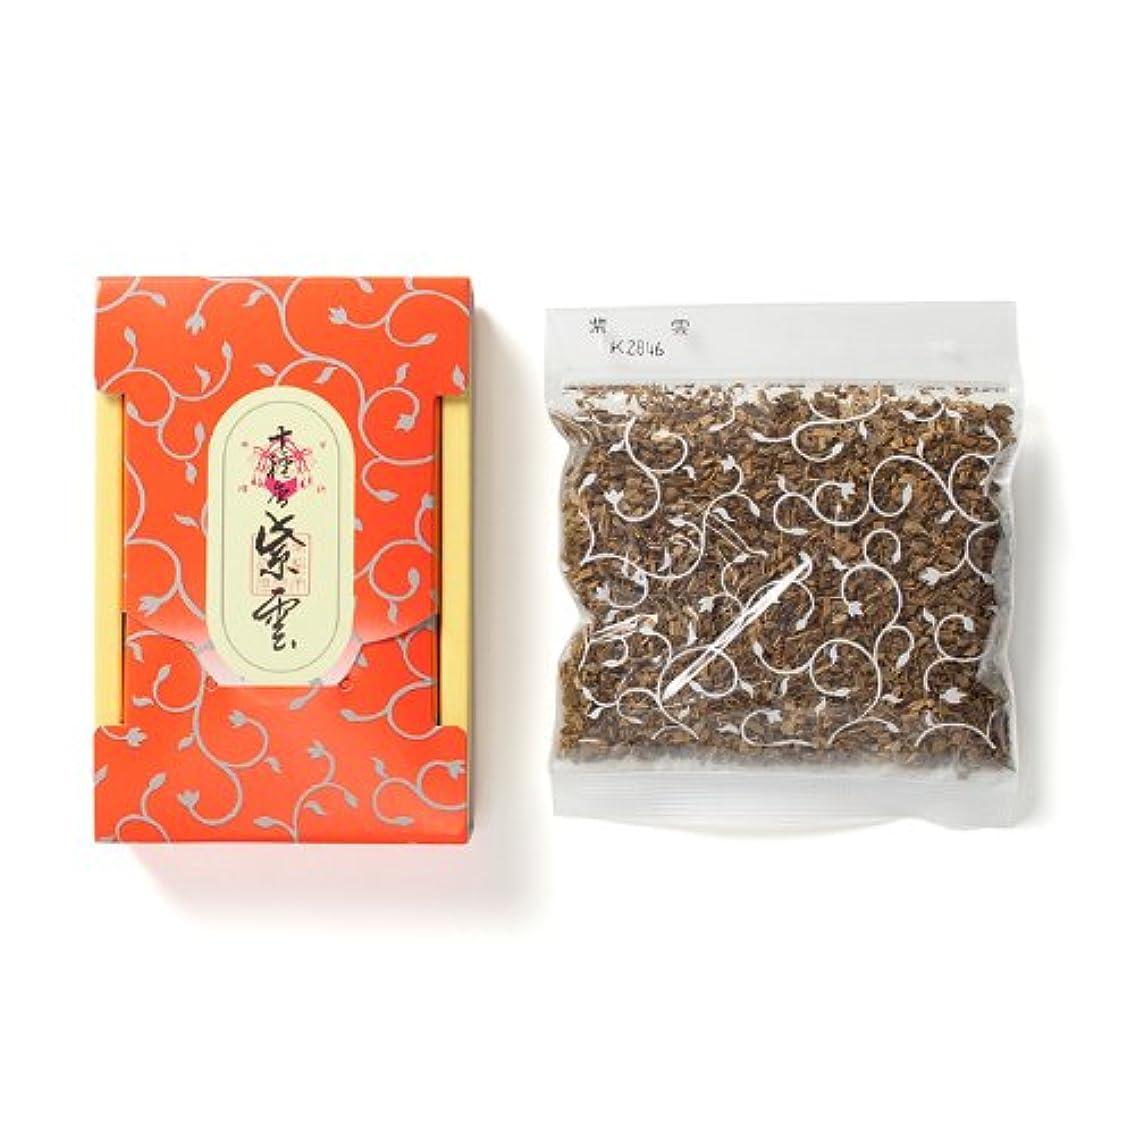 見えるソーセージキャリア松栄堂のお焼香 十種香 紫雲 25g詰 小箱入 #410941